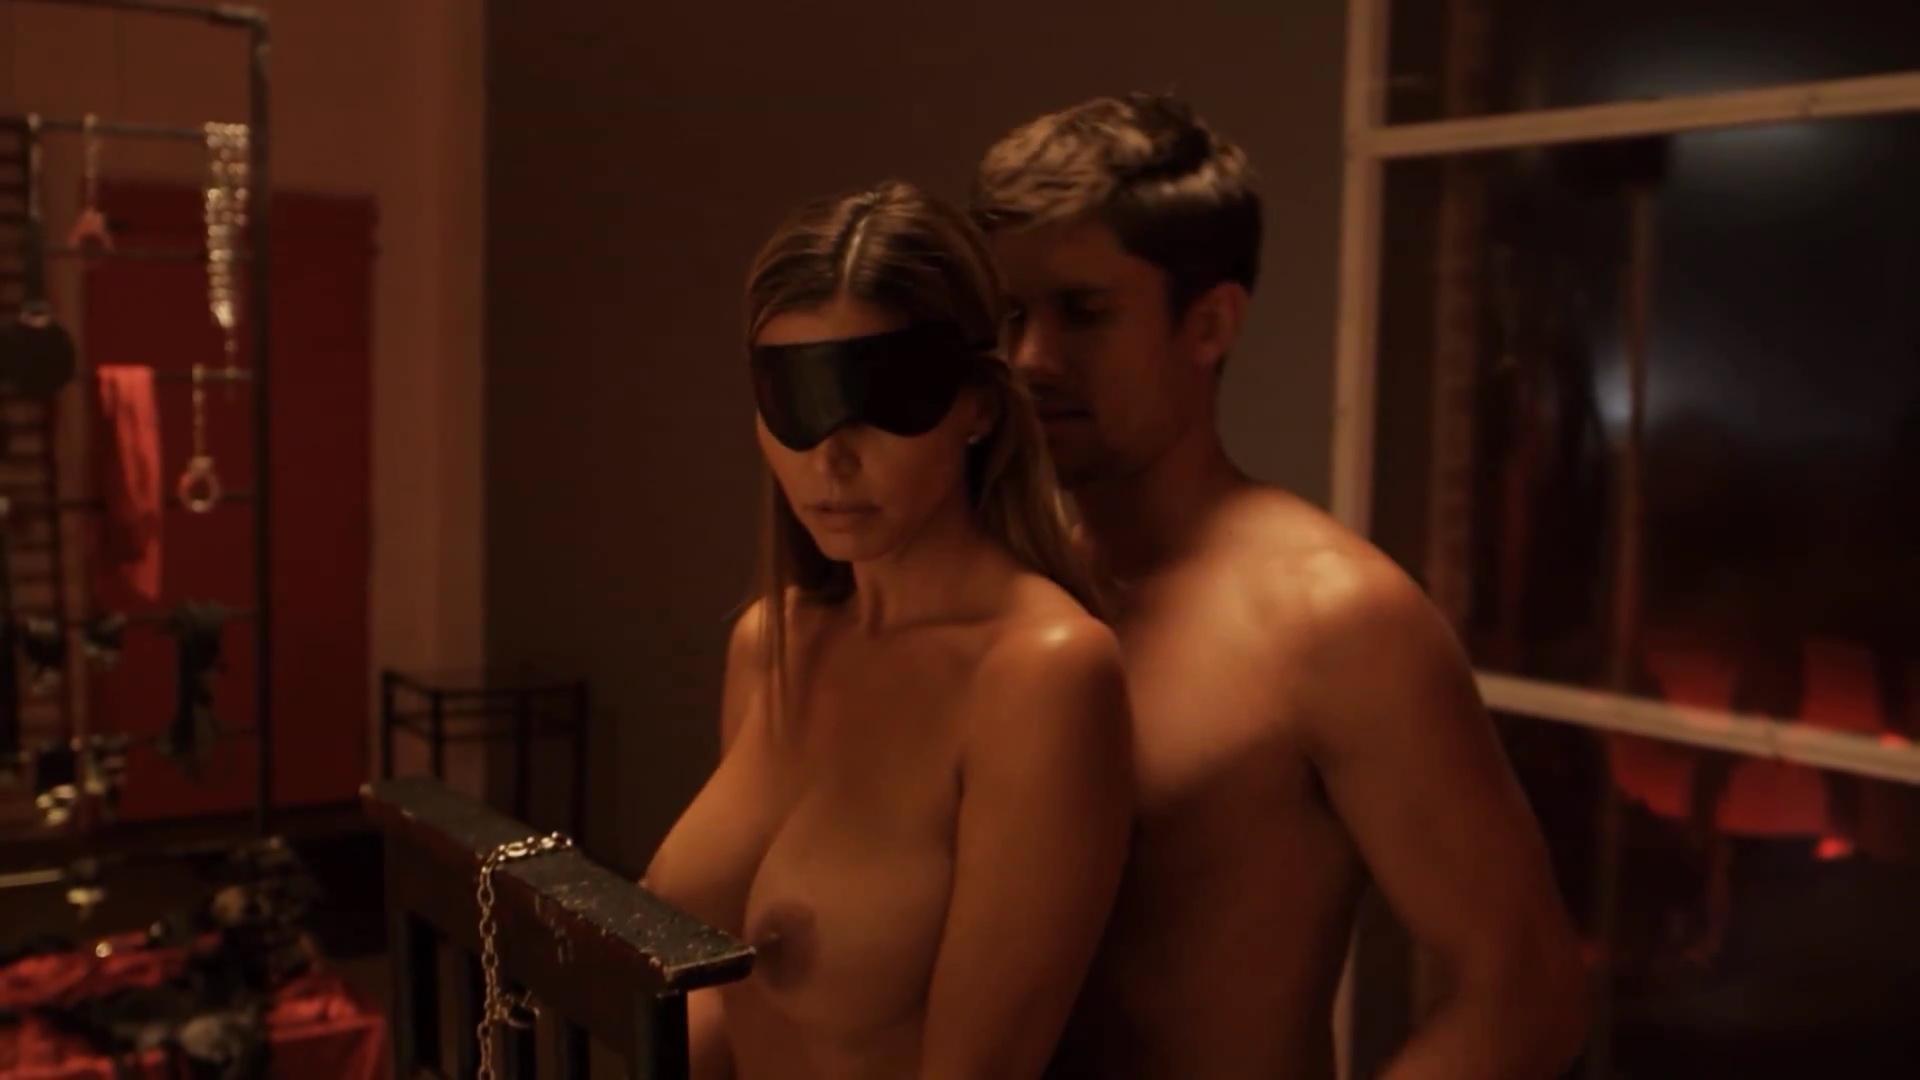 Best Erotic Images